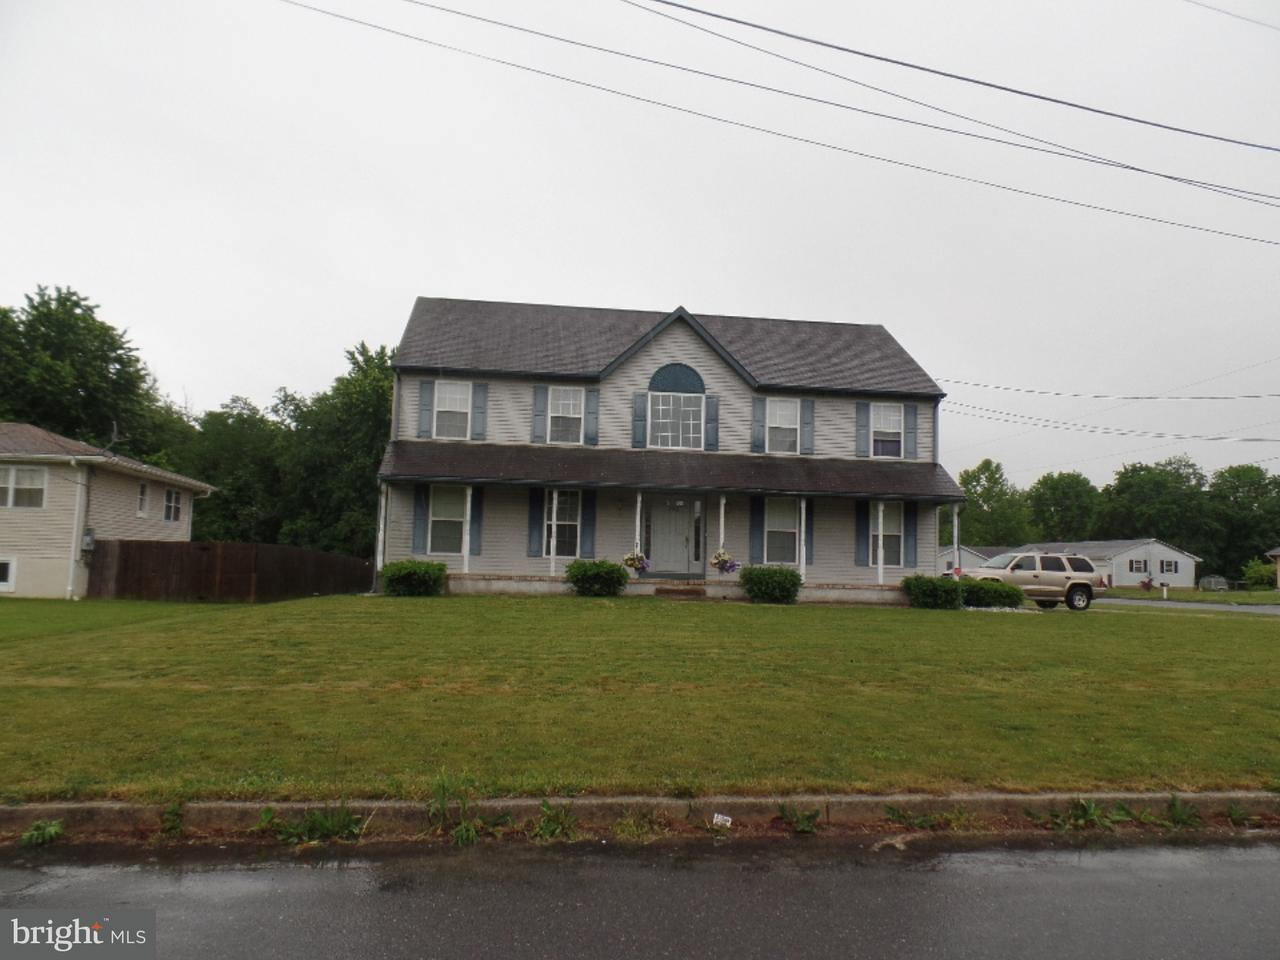 独户住宅 为 销售 在 105 W DELAWARE Avenue Buena, 新泽西州 08326 美国